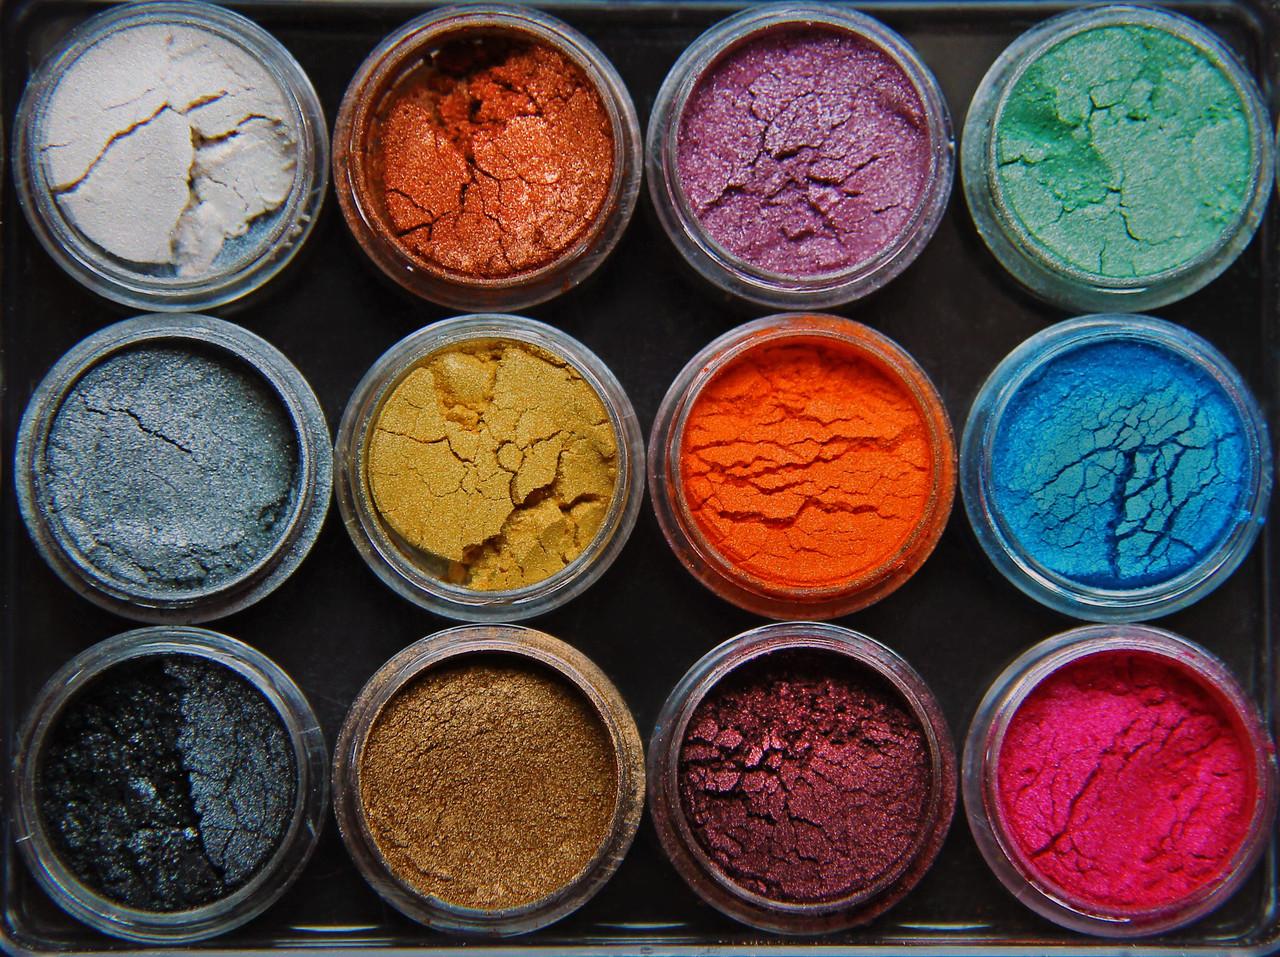 Набор из 12 пигментов мика пудры мелкодисперсные. MicaMe Rainbow МикаМи Радуга